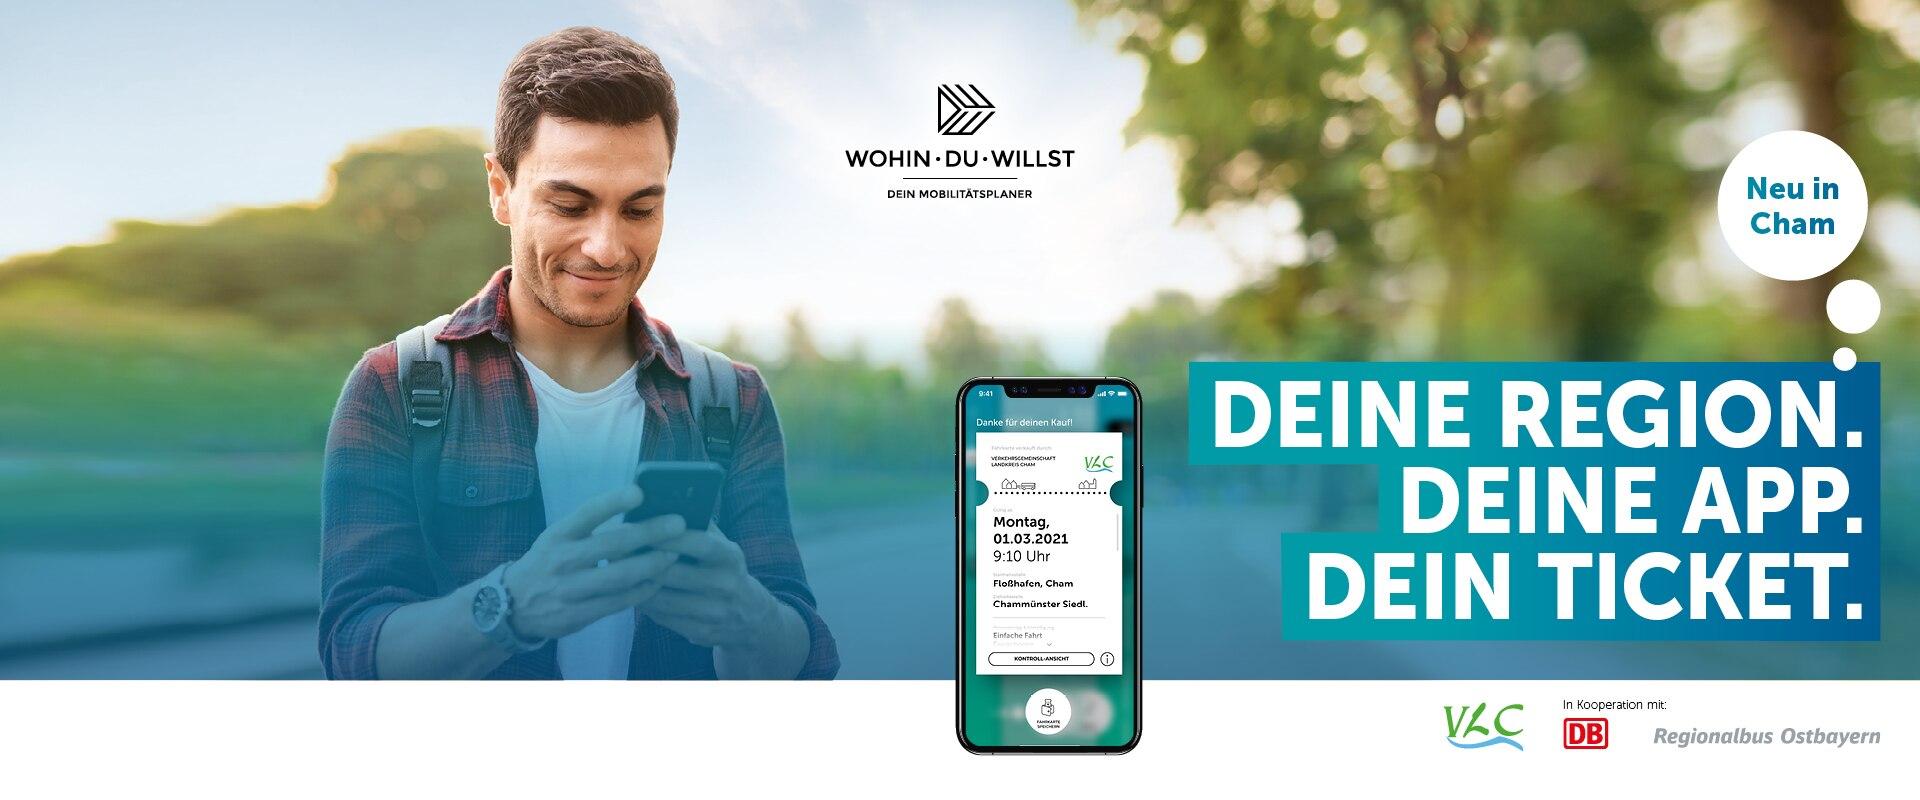 WDW App